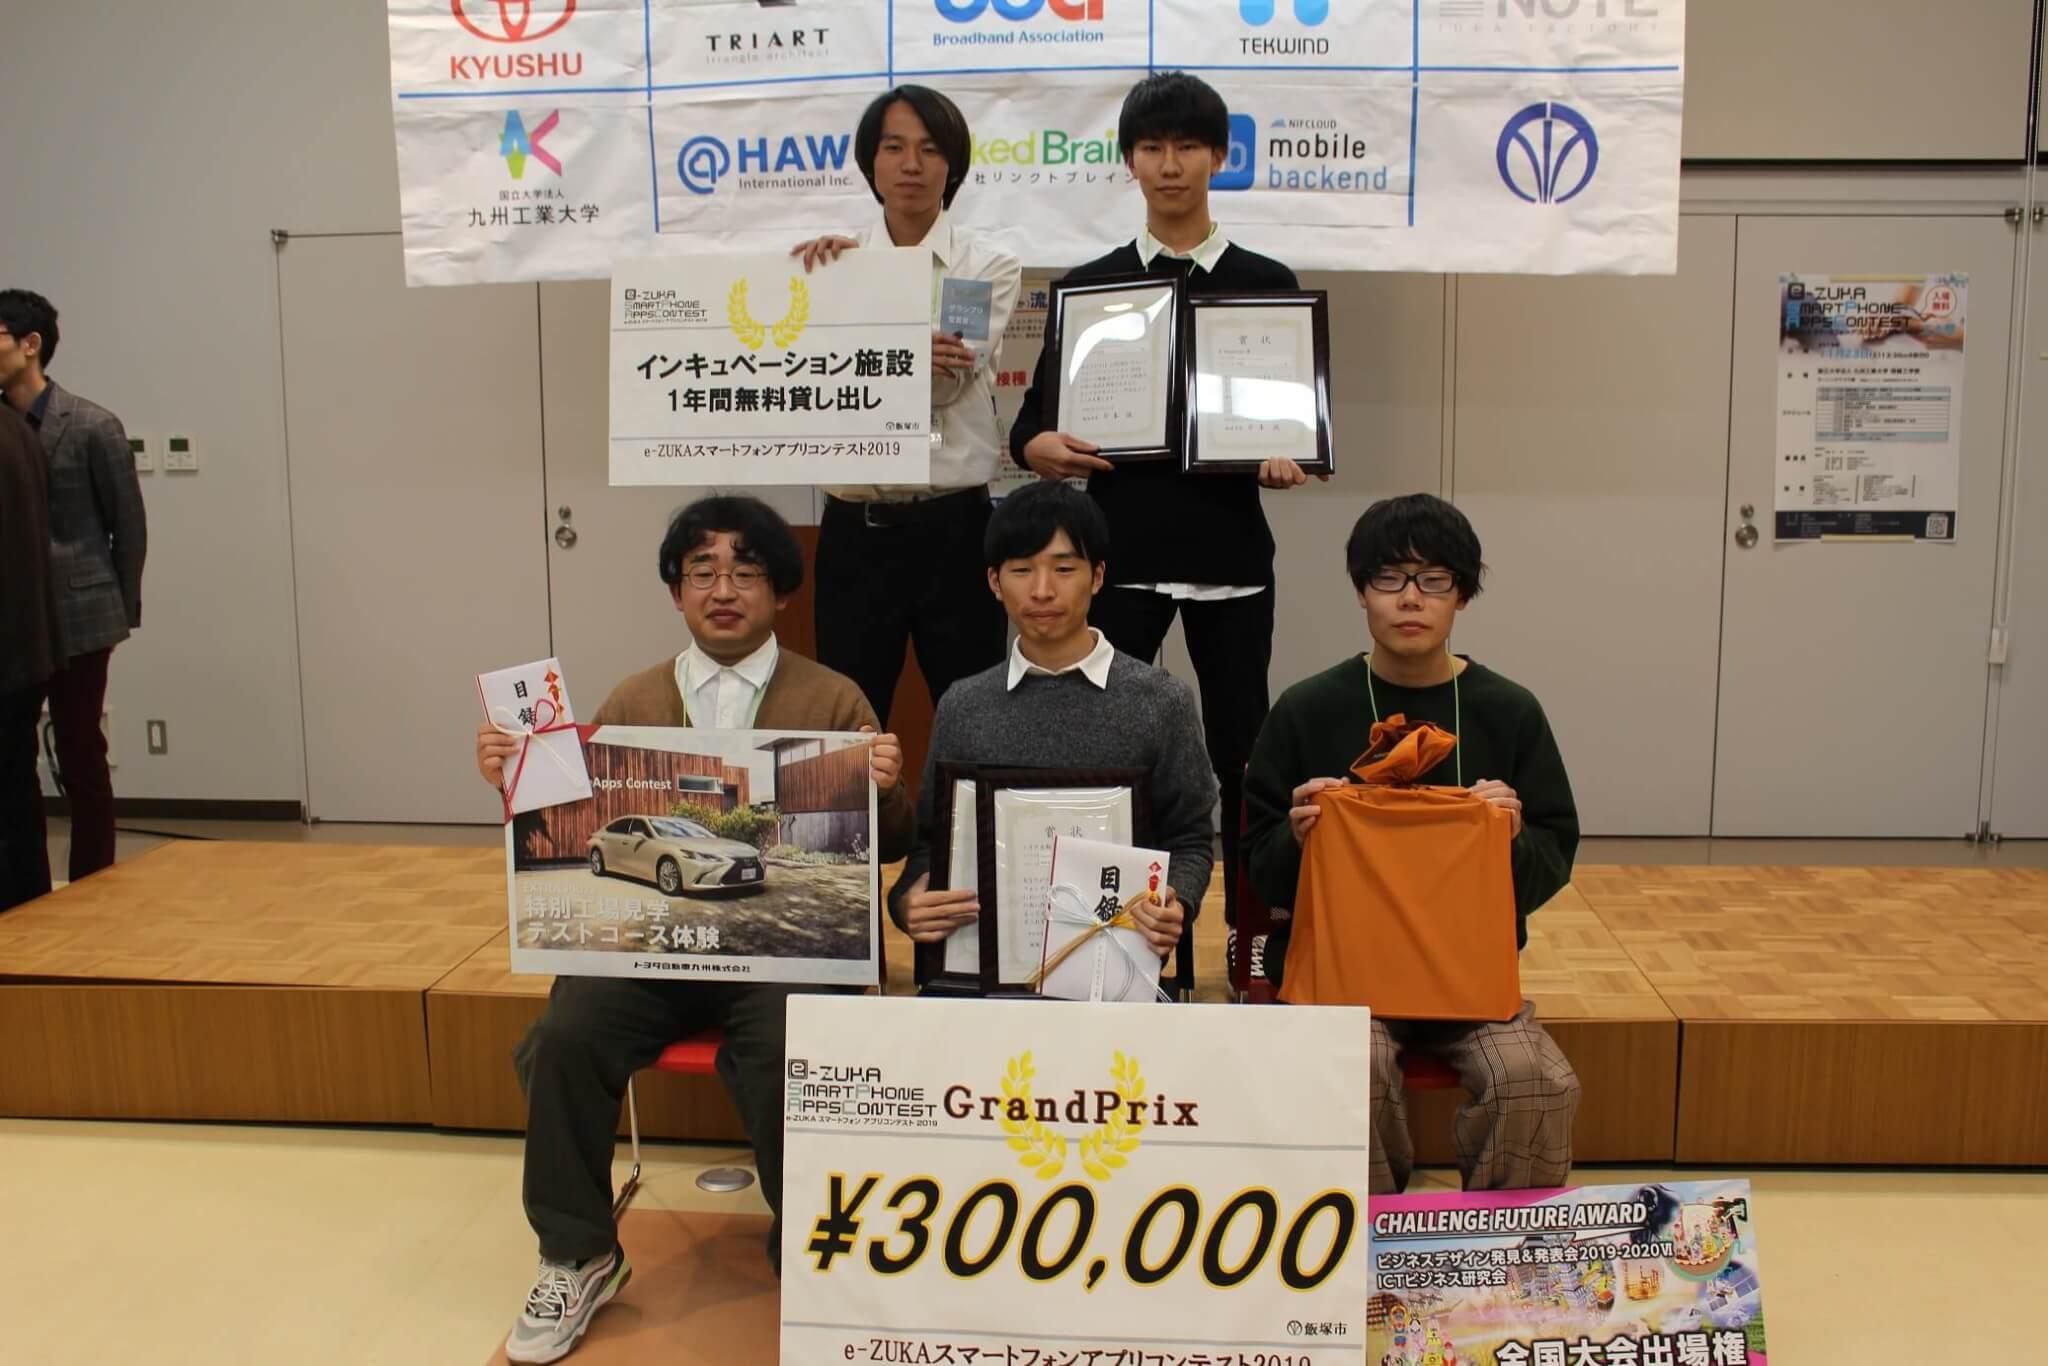 グランプリほか多数の企業賞を獲得したmindPump for Travelを開発した「燻製部」の皆さん